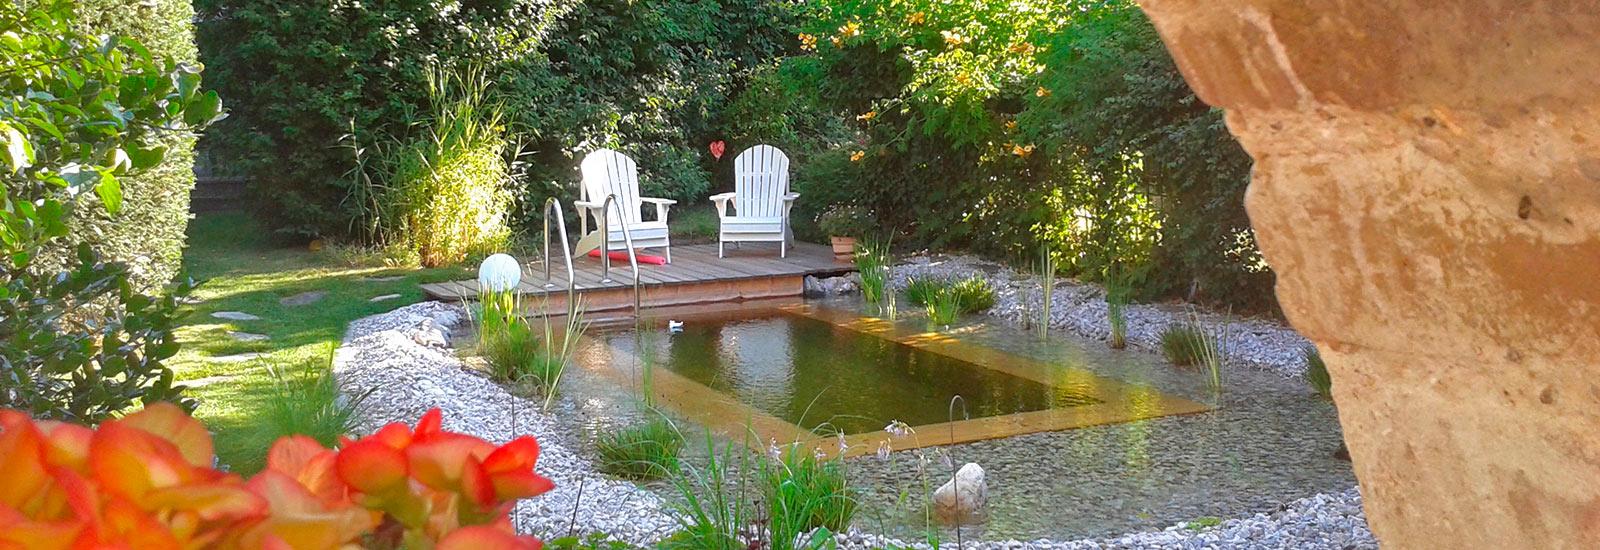 der weg zum eigenen pool planung mit geringen kosten. Black Bedroom Furniture Sets. Home Design Ideas